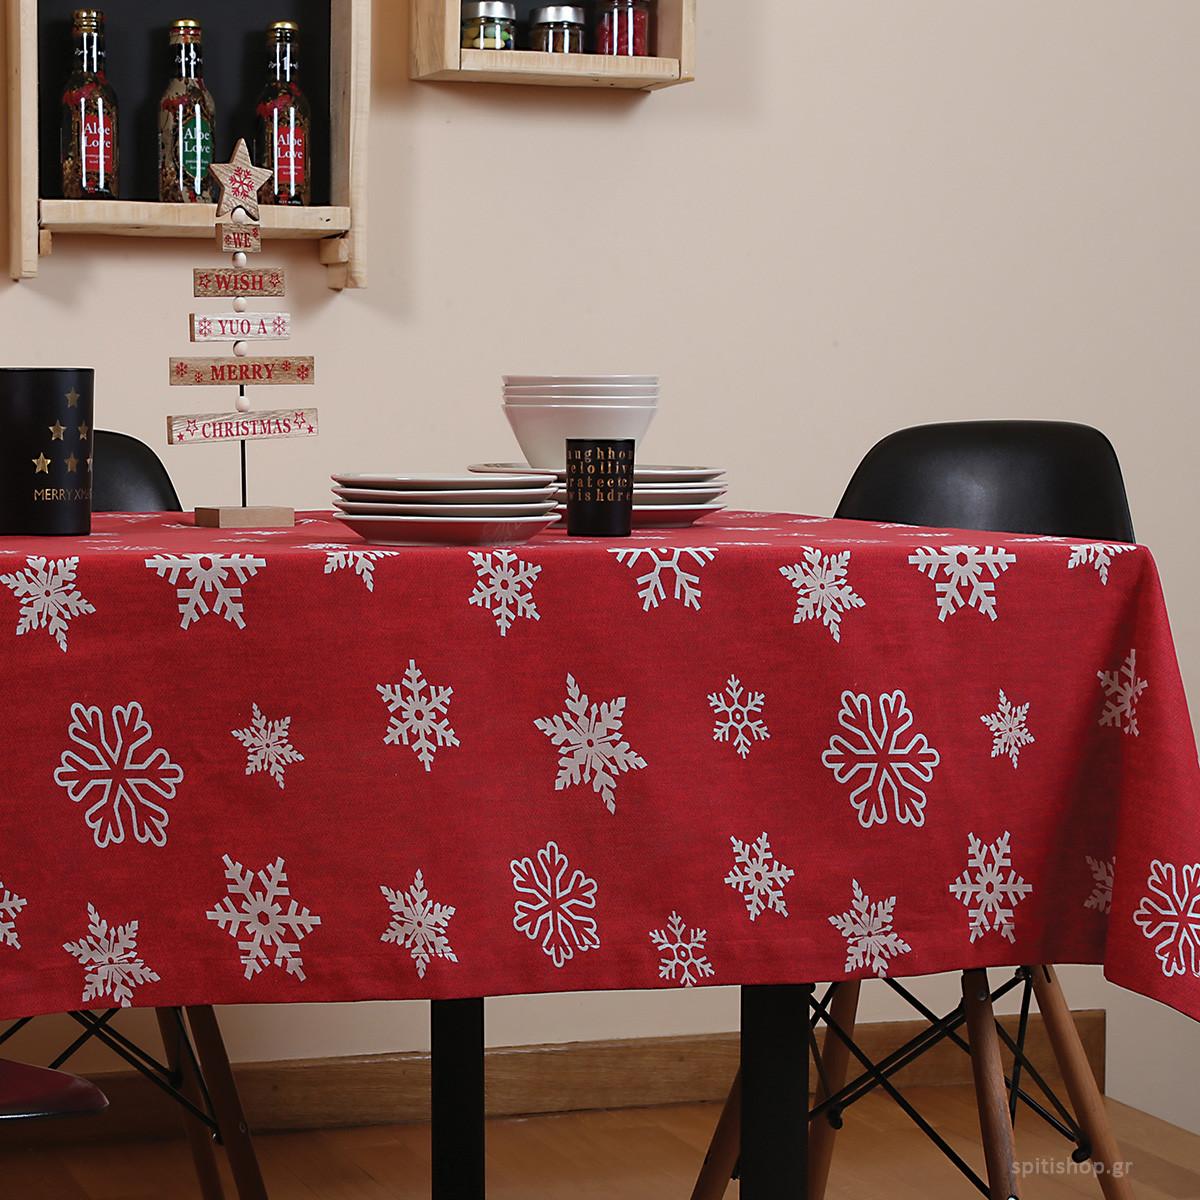 Χριστουγεννιάτικο Τραπεζομάντηλο (140×180) Nef-Nef Miracle